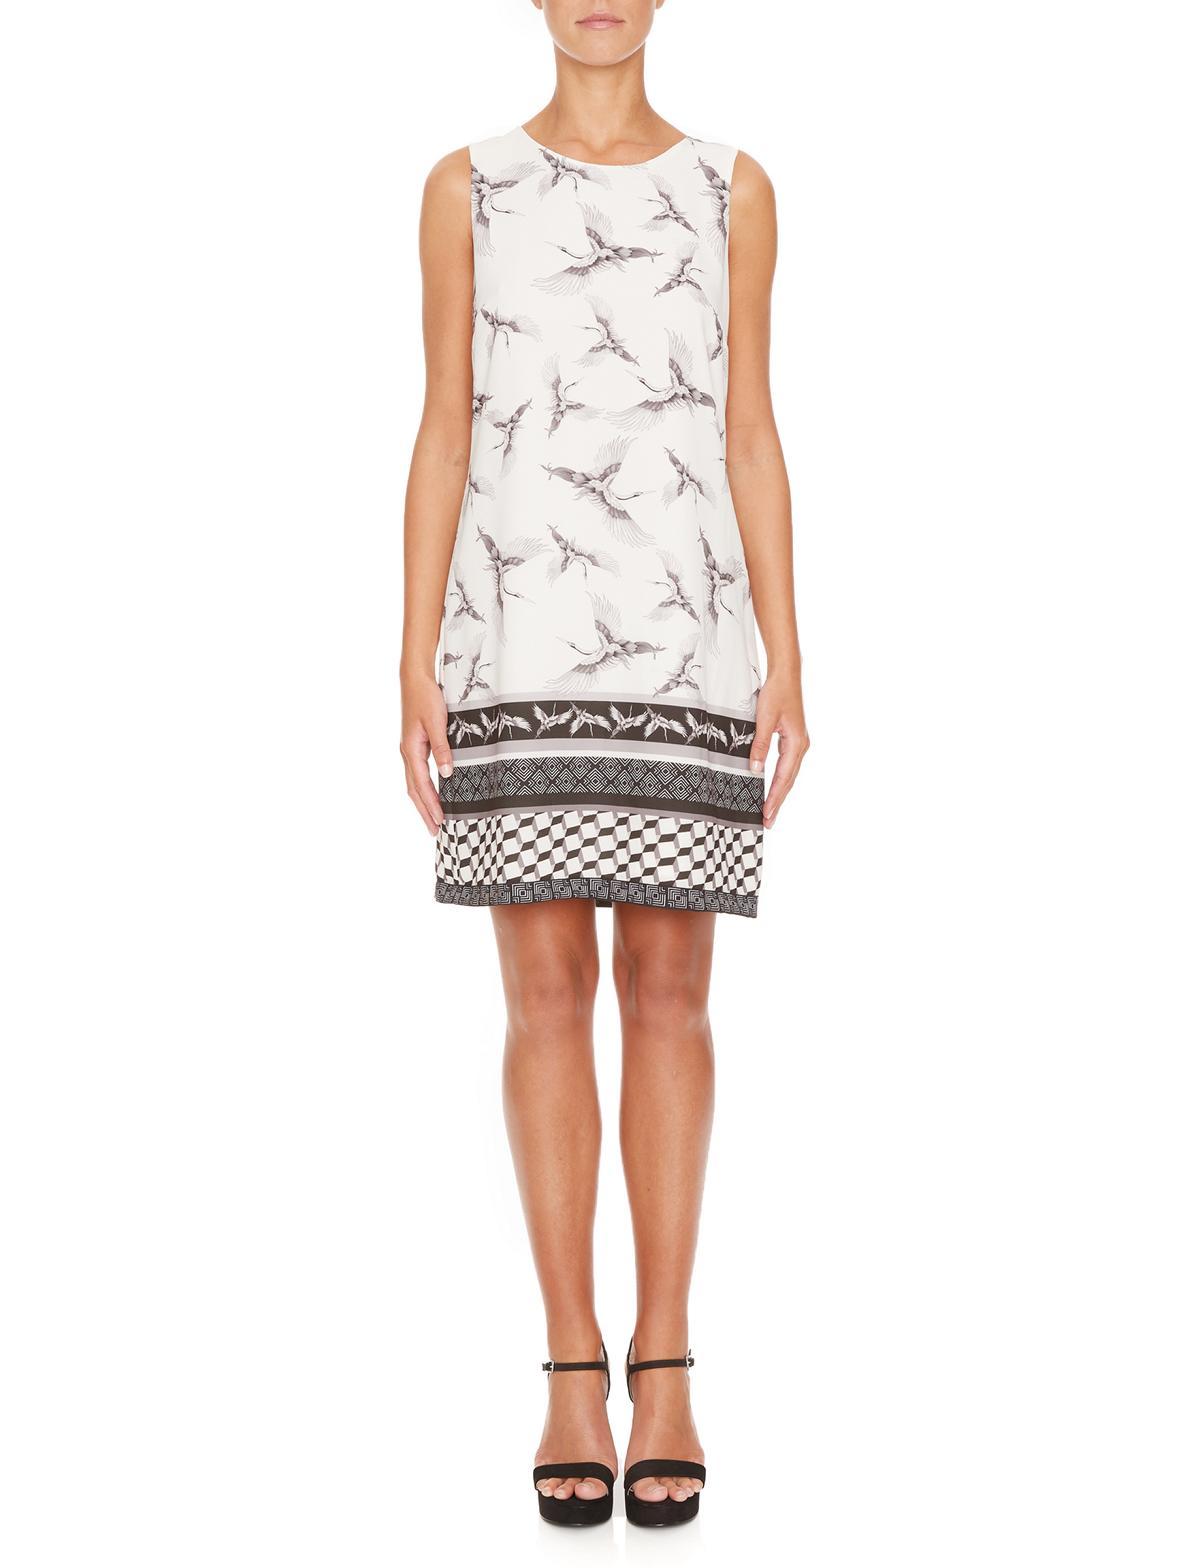 Vorderansicht von Ana Alcazar A-Linien Kleid  Meilea White  angezogen an Model